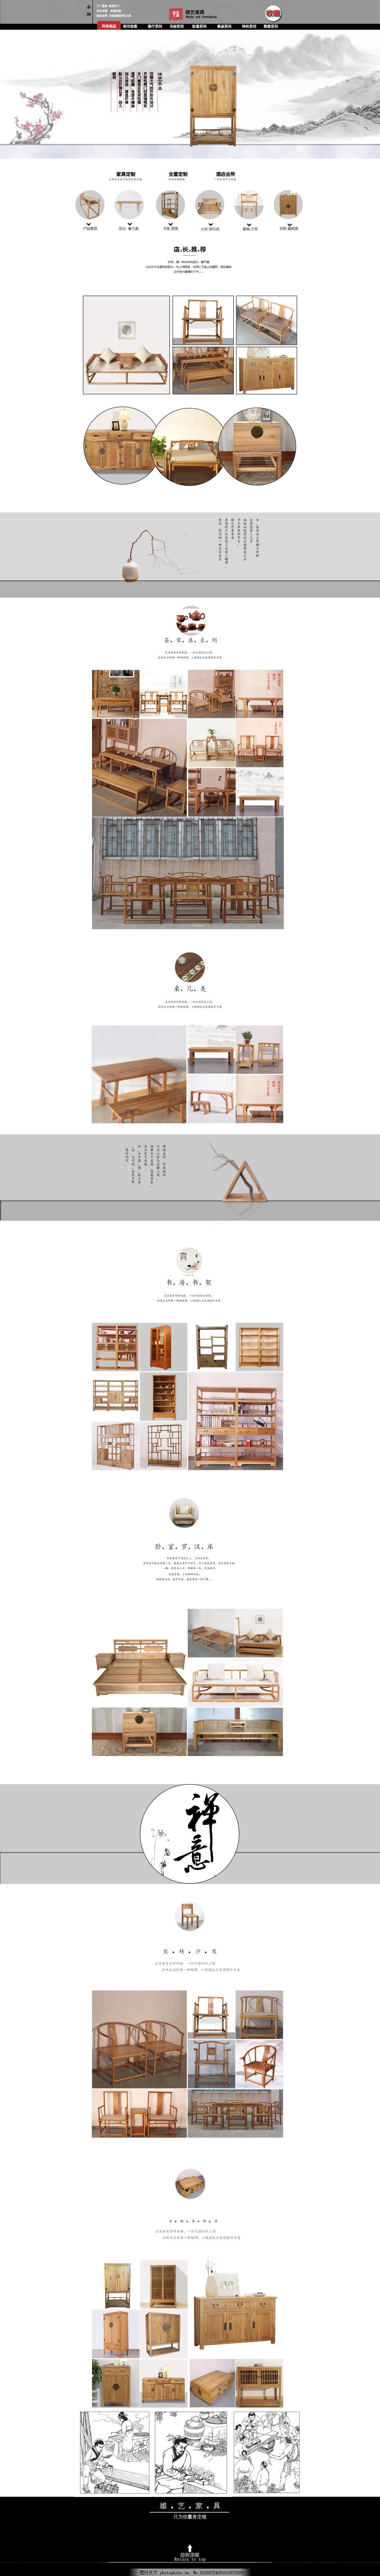 淘宝首页 榆木家具 免漆 禅意 中式 喜欢 仿古 白色